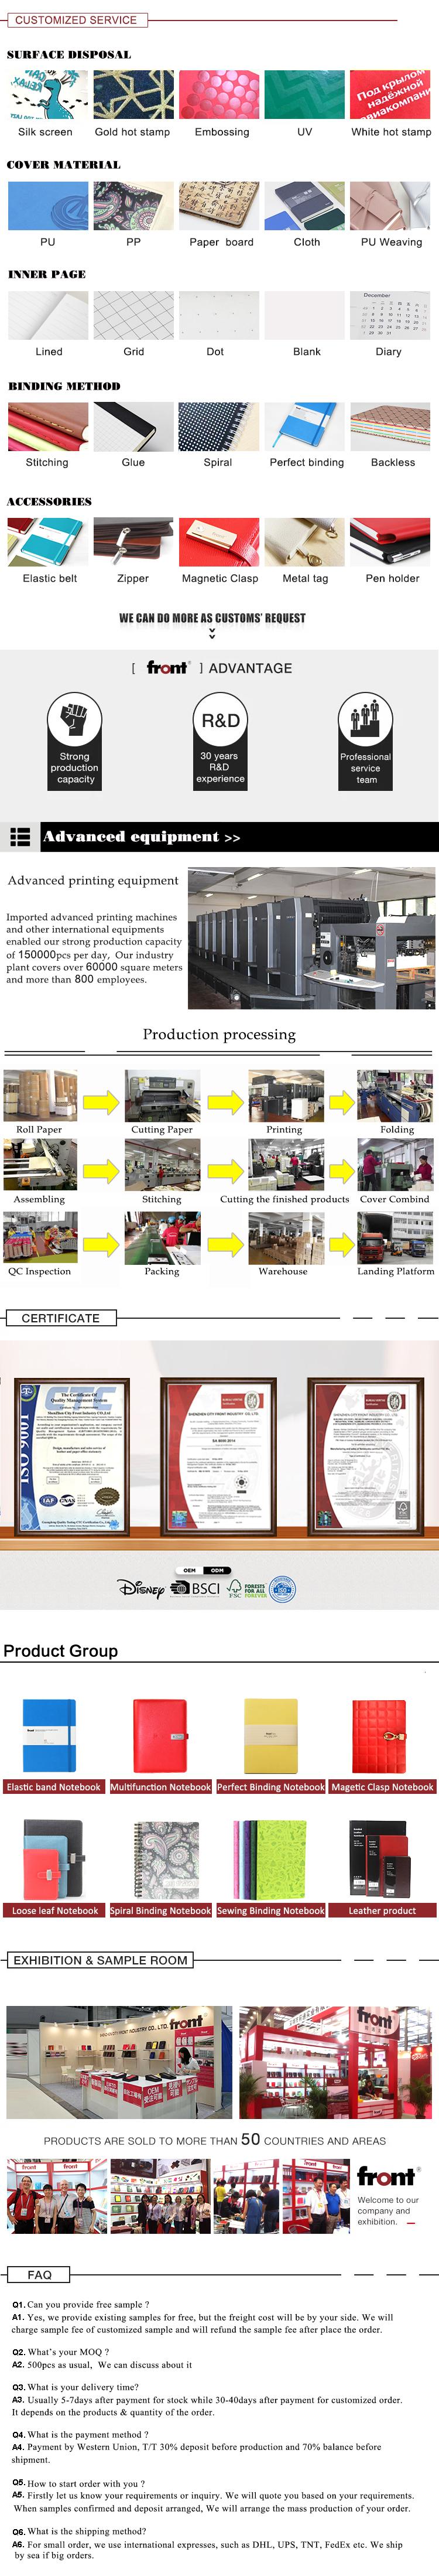 Stationnaire professionnel Tissu Couverture journal A5 Cahier à couverture souple Personnalisé journal Personnalisé 55g papier cahiers